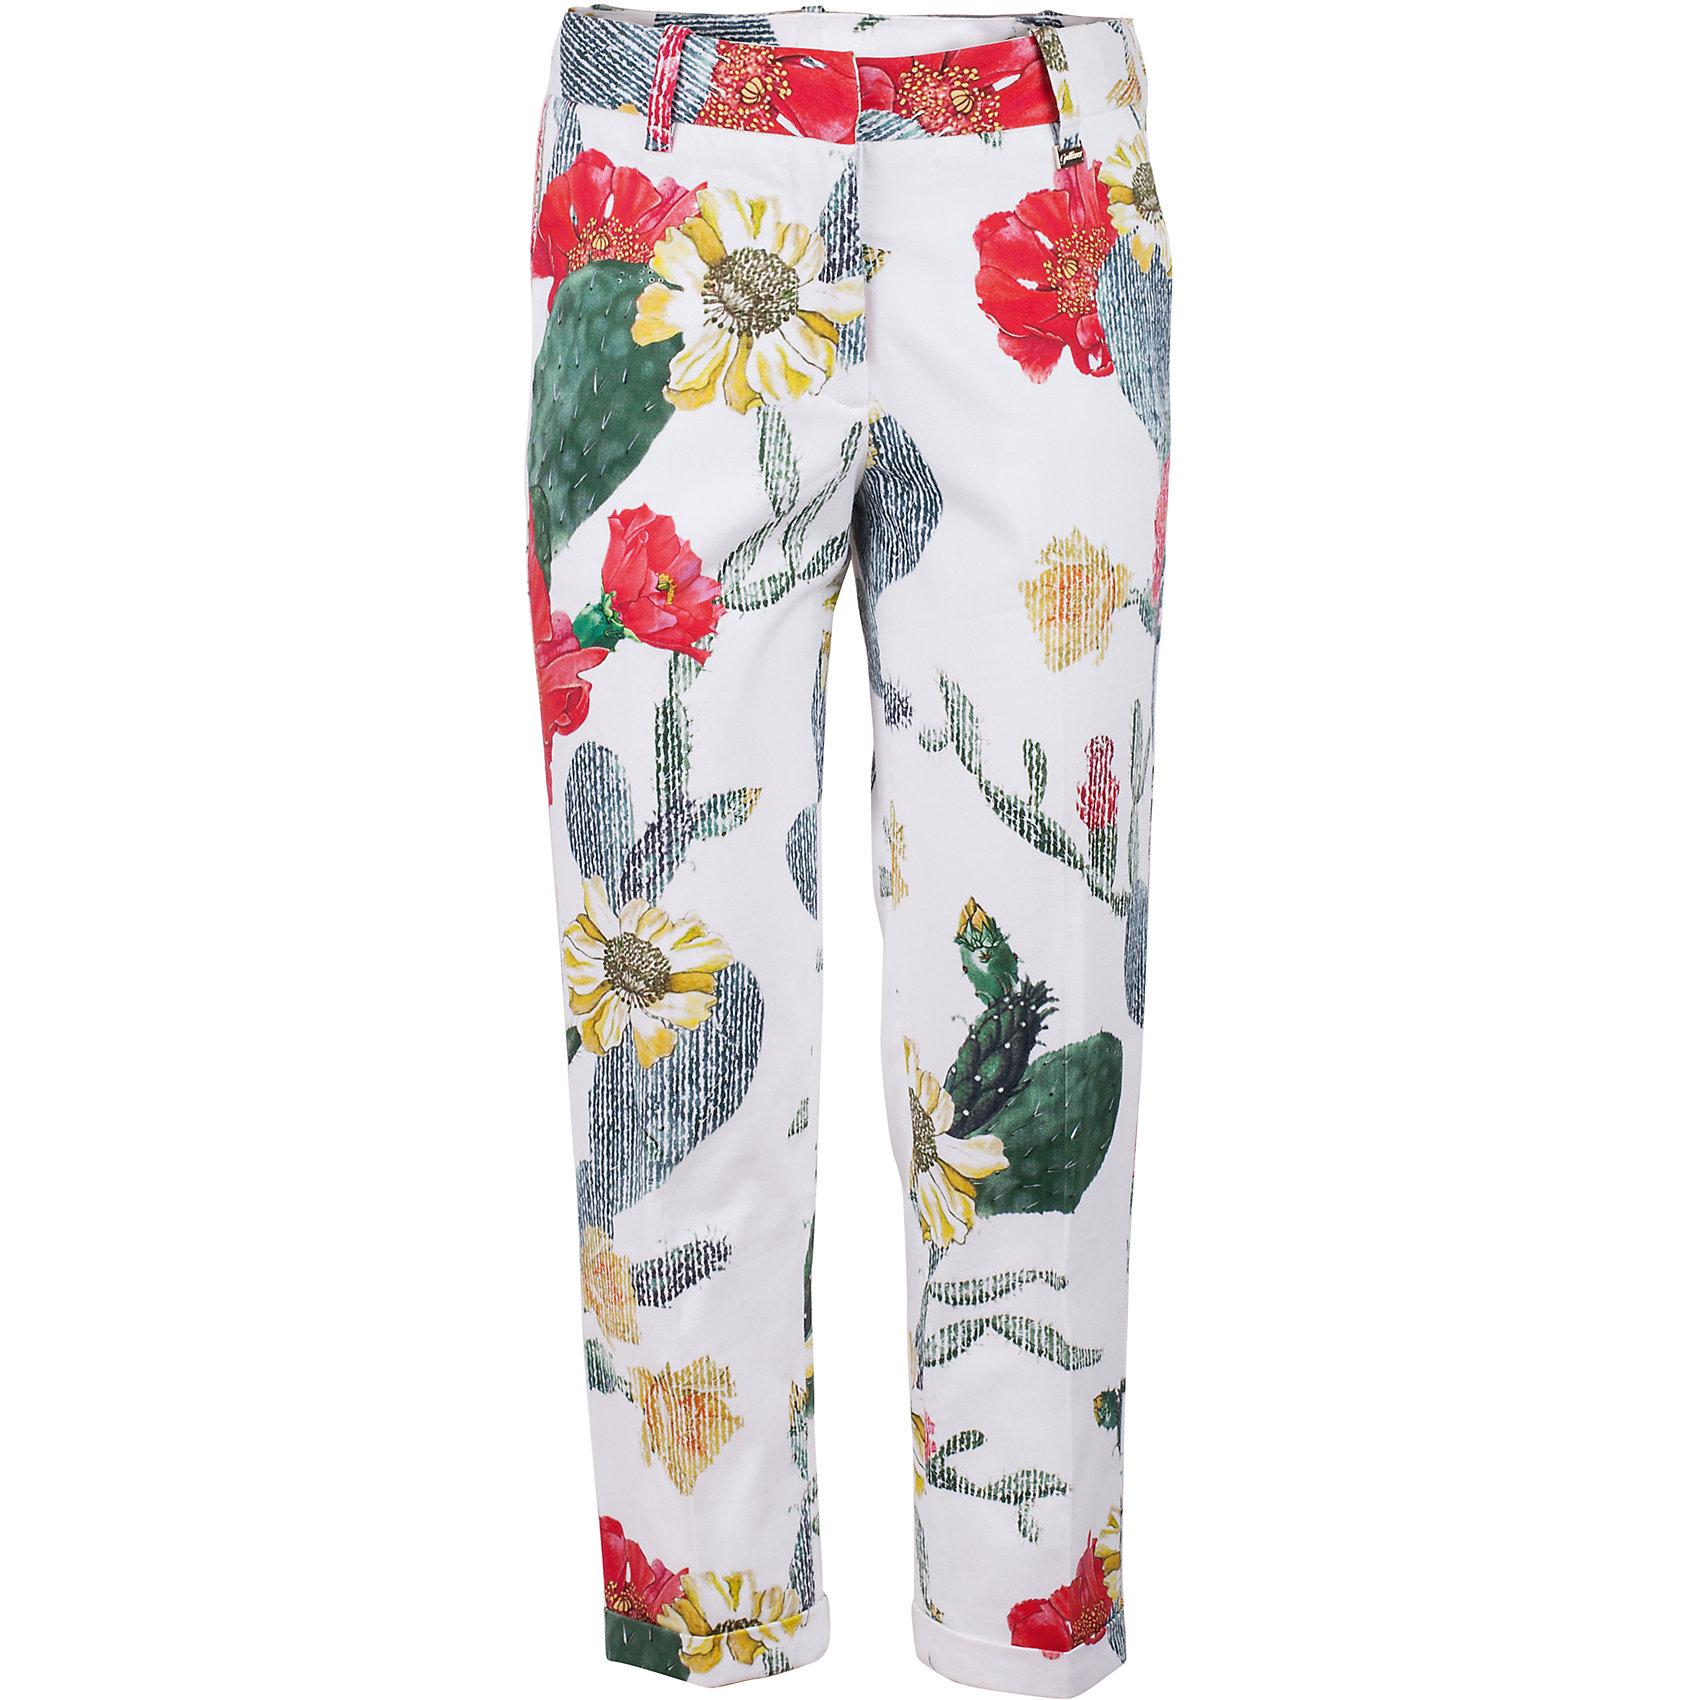 Брюки для девочки GulliverБрюки<br>Модные брюки для девочки в сезоне Весна/Лето 2017 - это вновь чуть укороченная и чуть зауженная к низу модель. Выполненные из хлопка с эластаном, яркие брюки с крупным выразительным цветочным принтом выглядят элегантно и изысканно. Такие брюки для девочки - прекрасный вариант для жаркого лета. Рисунок ткани из коллекции Коста-Рика создает летнее настроение. С блузкой, футболкой, топом брюки составят отличный комплект. Если вы хотите купить стильные брюки для девочки, которые сделают ее образ эффектным и запоминающимся, эта модель - отличный выбор!<br>Состав:<br>97% хлопок        3% эластан<br><br>Ширина мм: 215<br>Глубина мм: 88<br>Высота мм: 191<br>Вес г: 336<br>Цвет: белый<br>Возраст от месяцев: 156<br>Возраст до месяцев: 168<br>Пол: Женский<br>Возраст: Детский<br>Размер: 164,146,152,158<br>SKU: 5483180